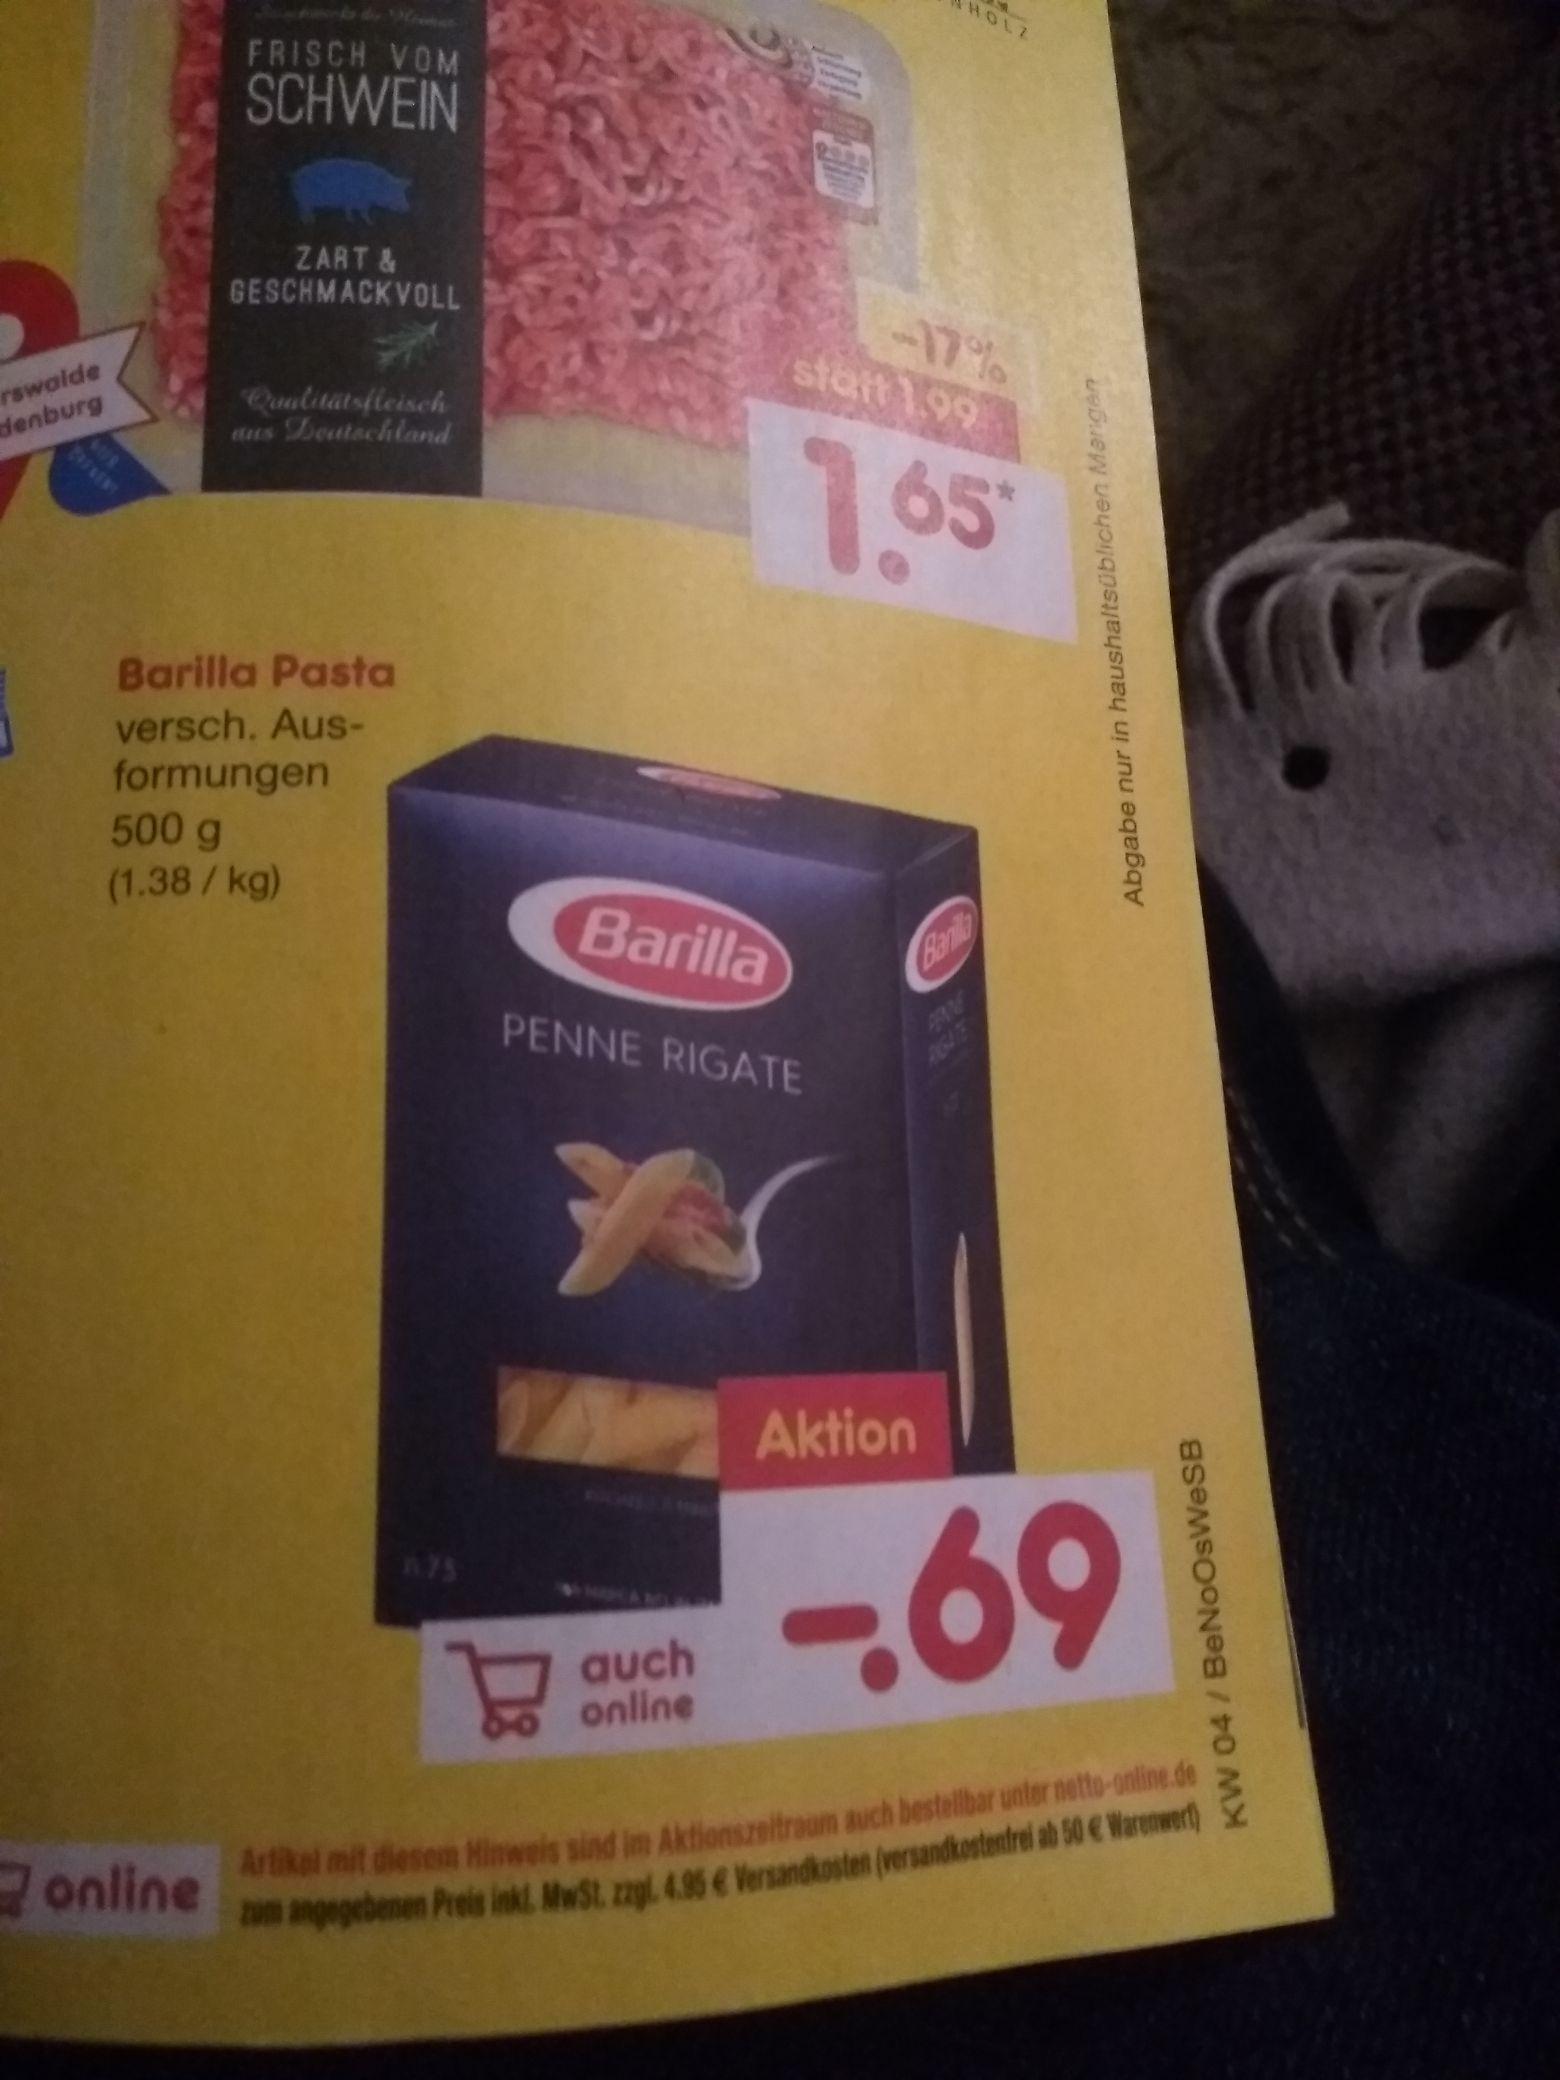 [Netto MD] Barilla Pasta 500 g verschiedene Ausformungen 1,38/kg auch online